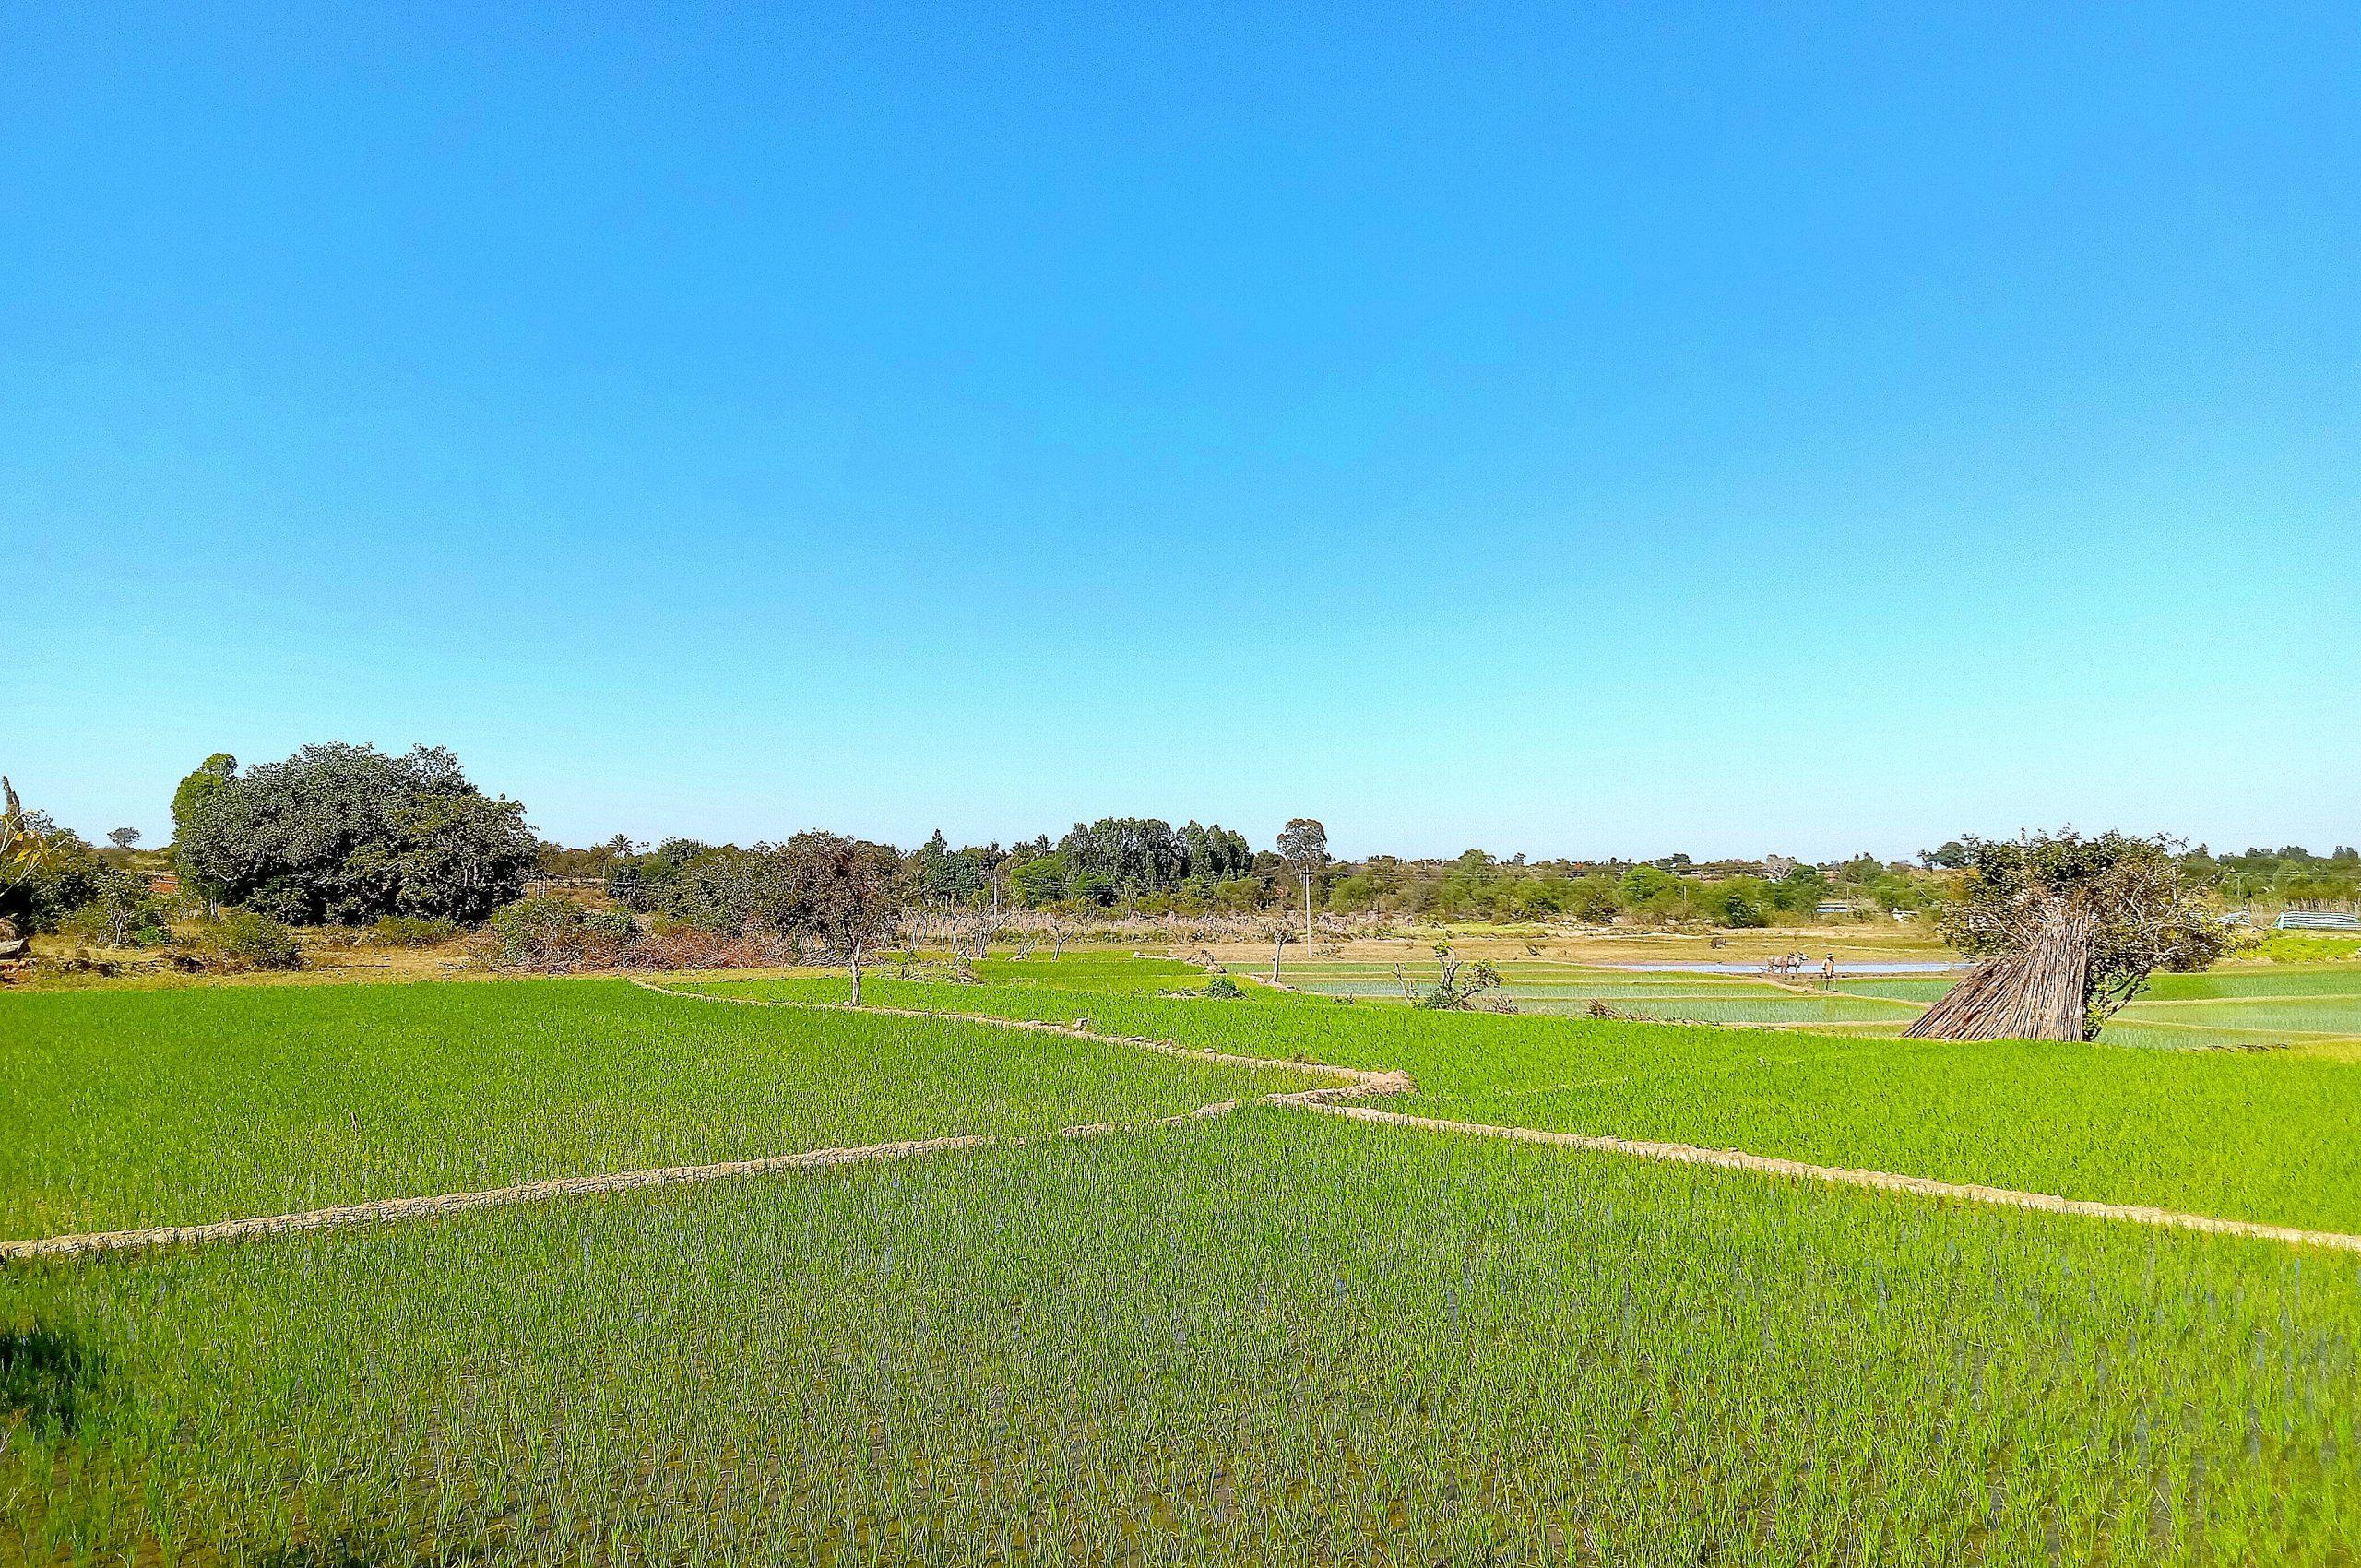 Greenery of fields